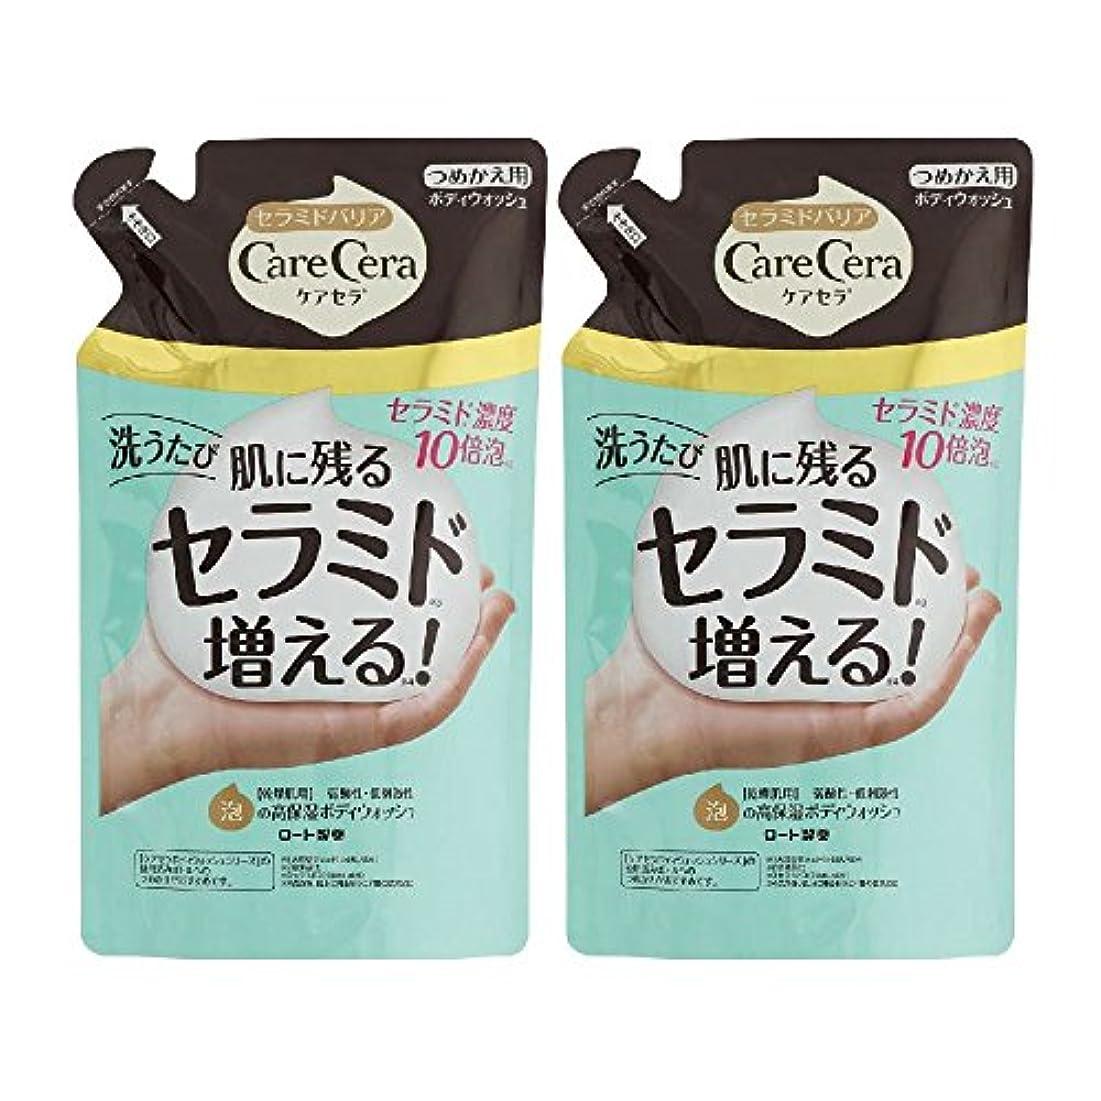 逆説美的矛盾ケアセラ (CareCera) 泡の高保湿 ボディウォッシュ ピュアフローラルの香り (つめかえ用) 350mL×2個 ※セバメドモイスチャーローション10mlサンプル付き